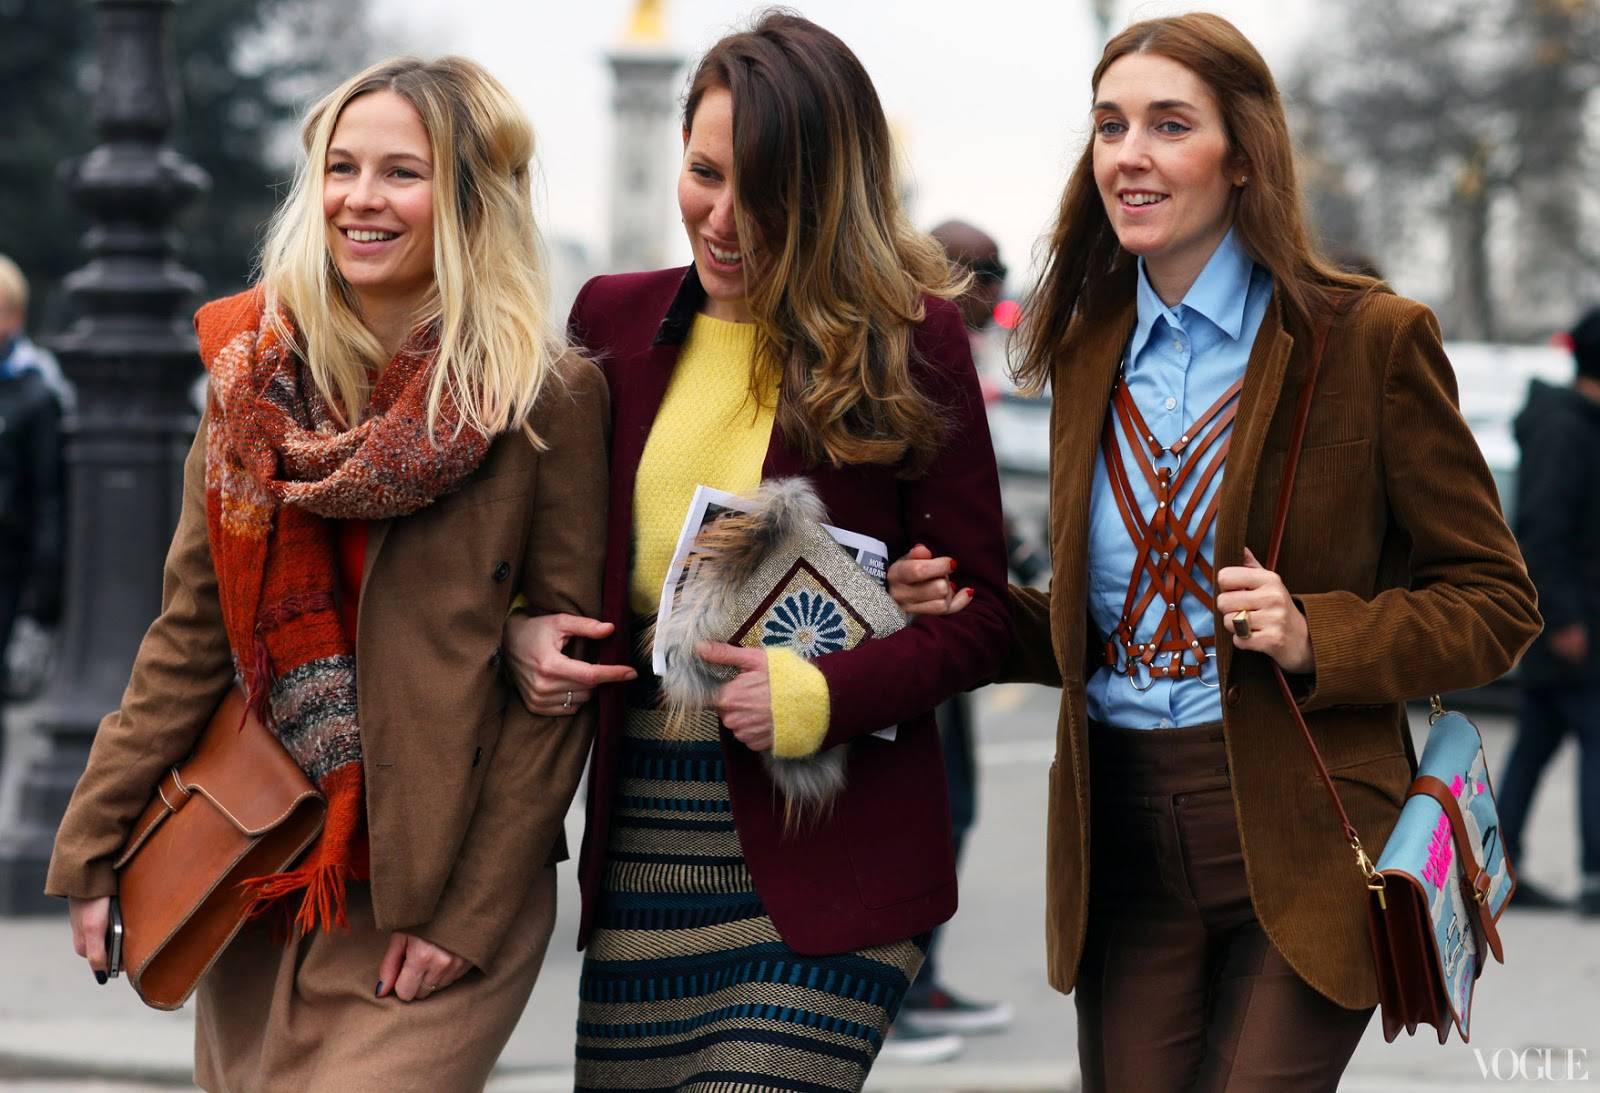 Особенности немецкого гардероба или как одеваются немцы